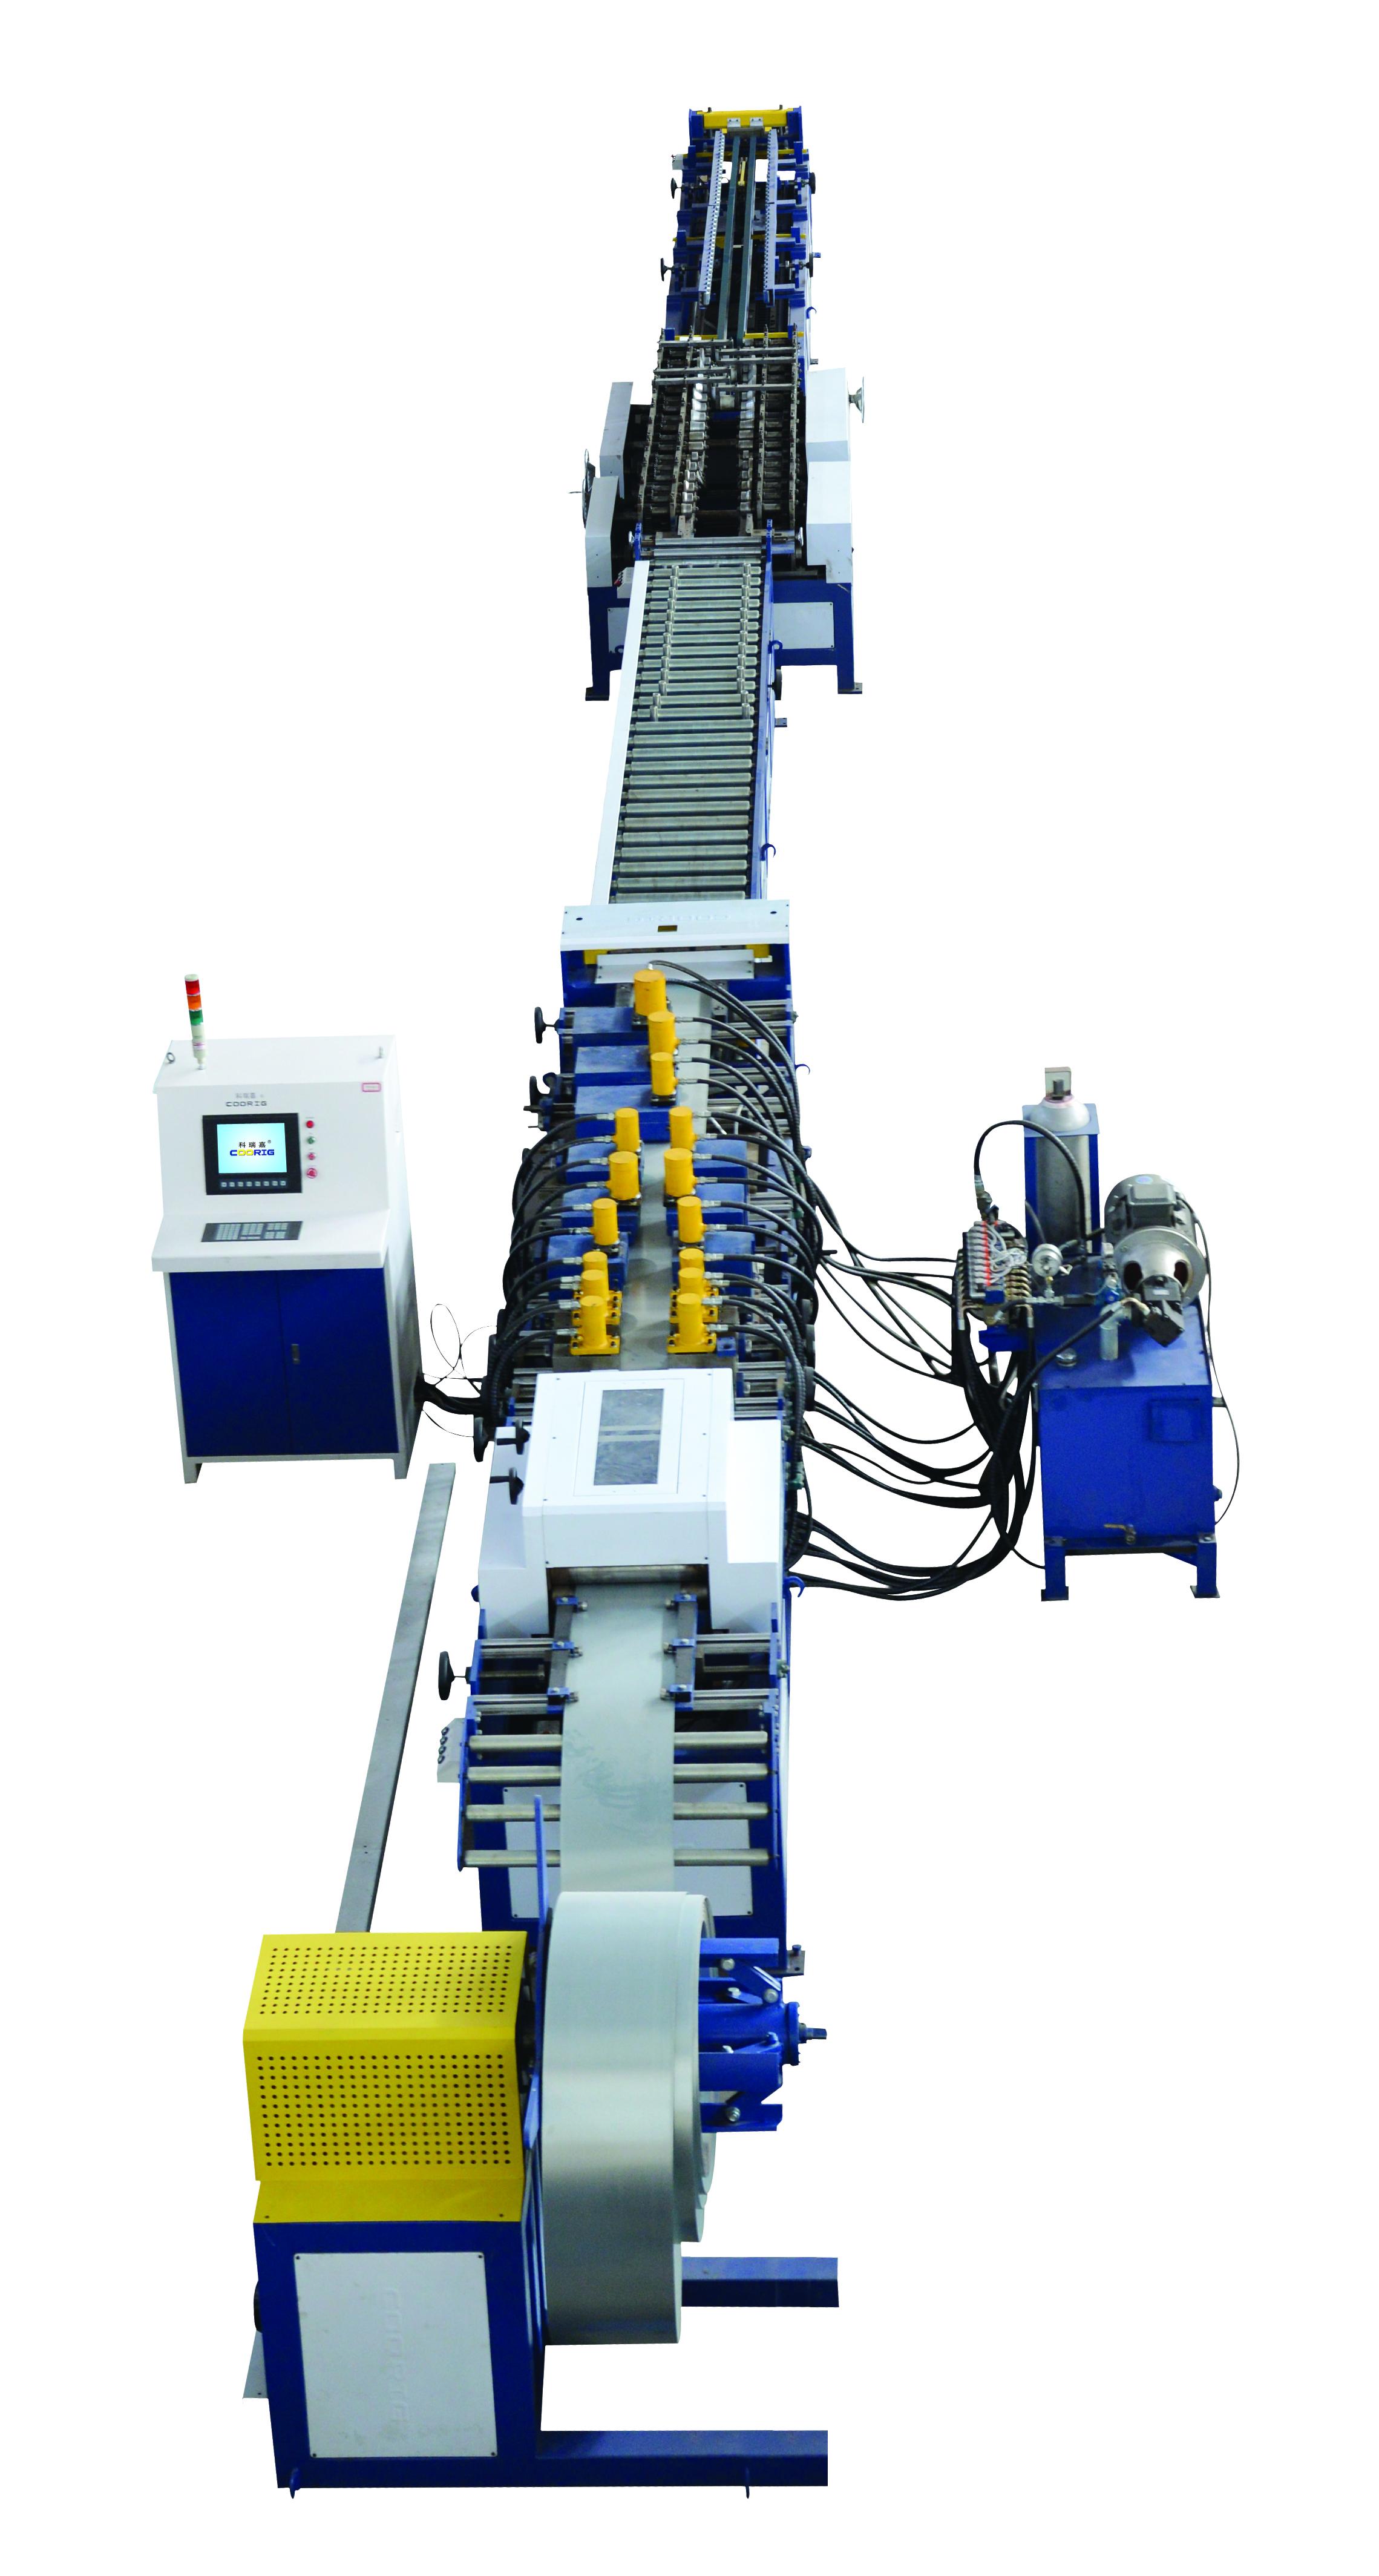 供应全自动风阀叶片生产线 天津科瑞嘉专业制造风阀叶片生产线的厂家